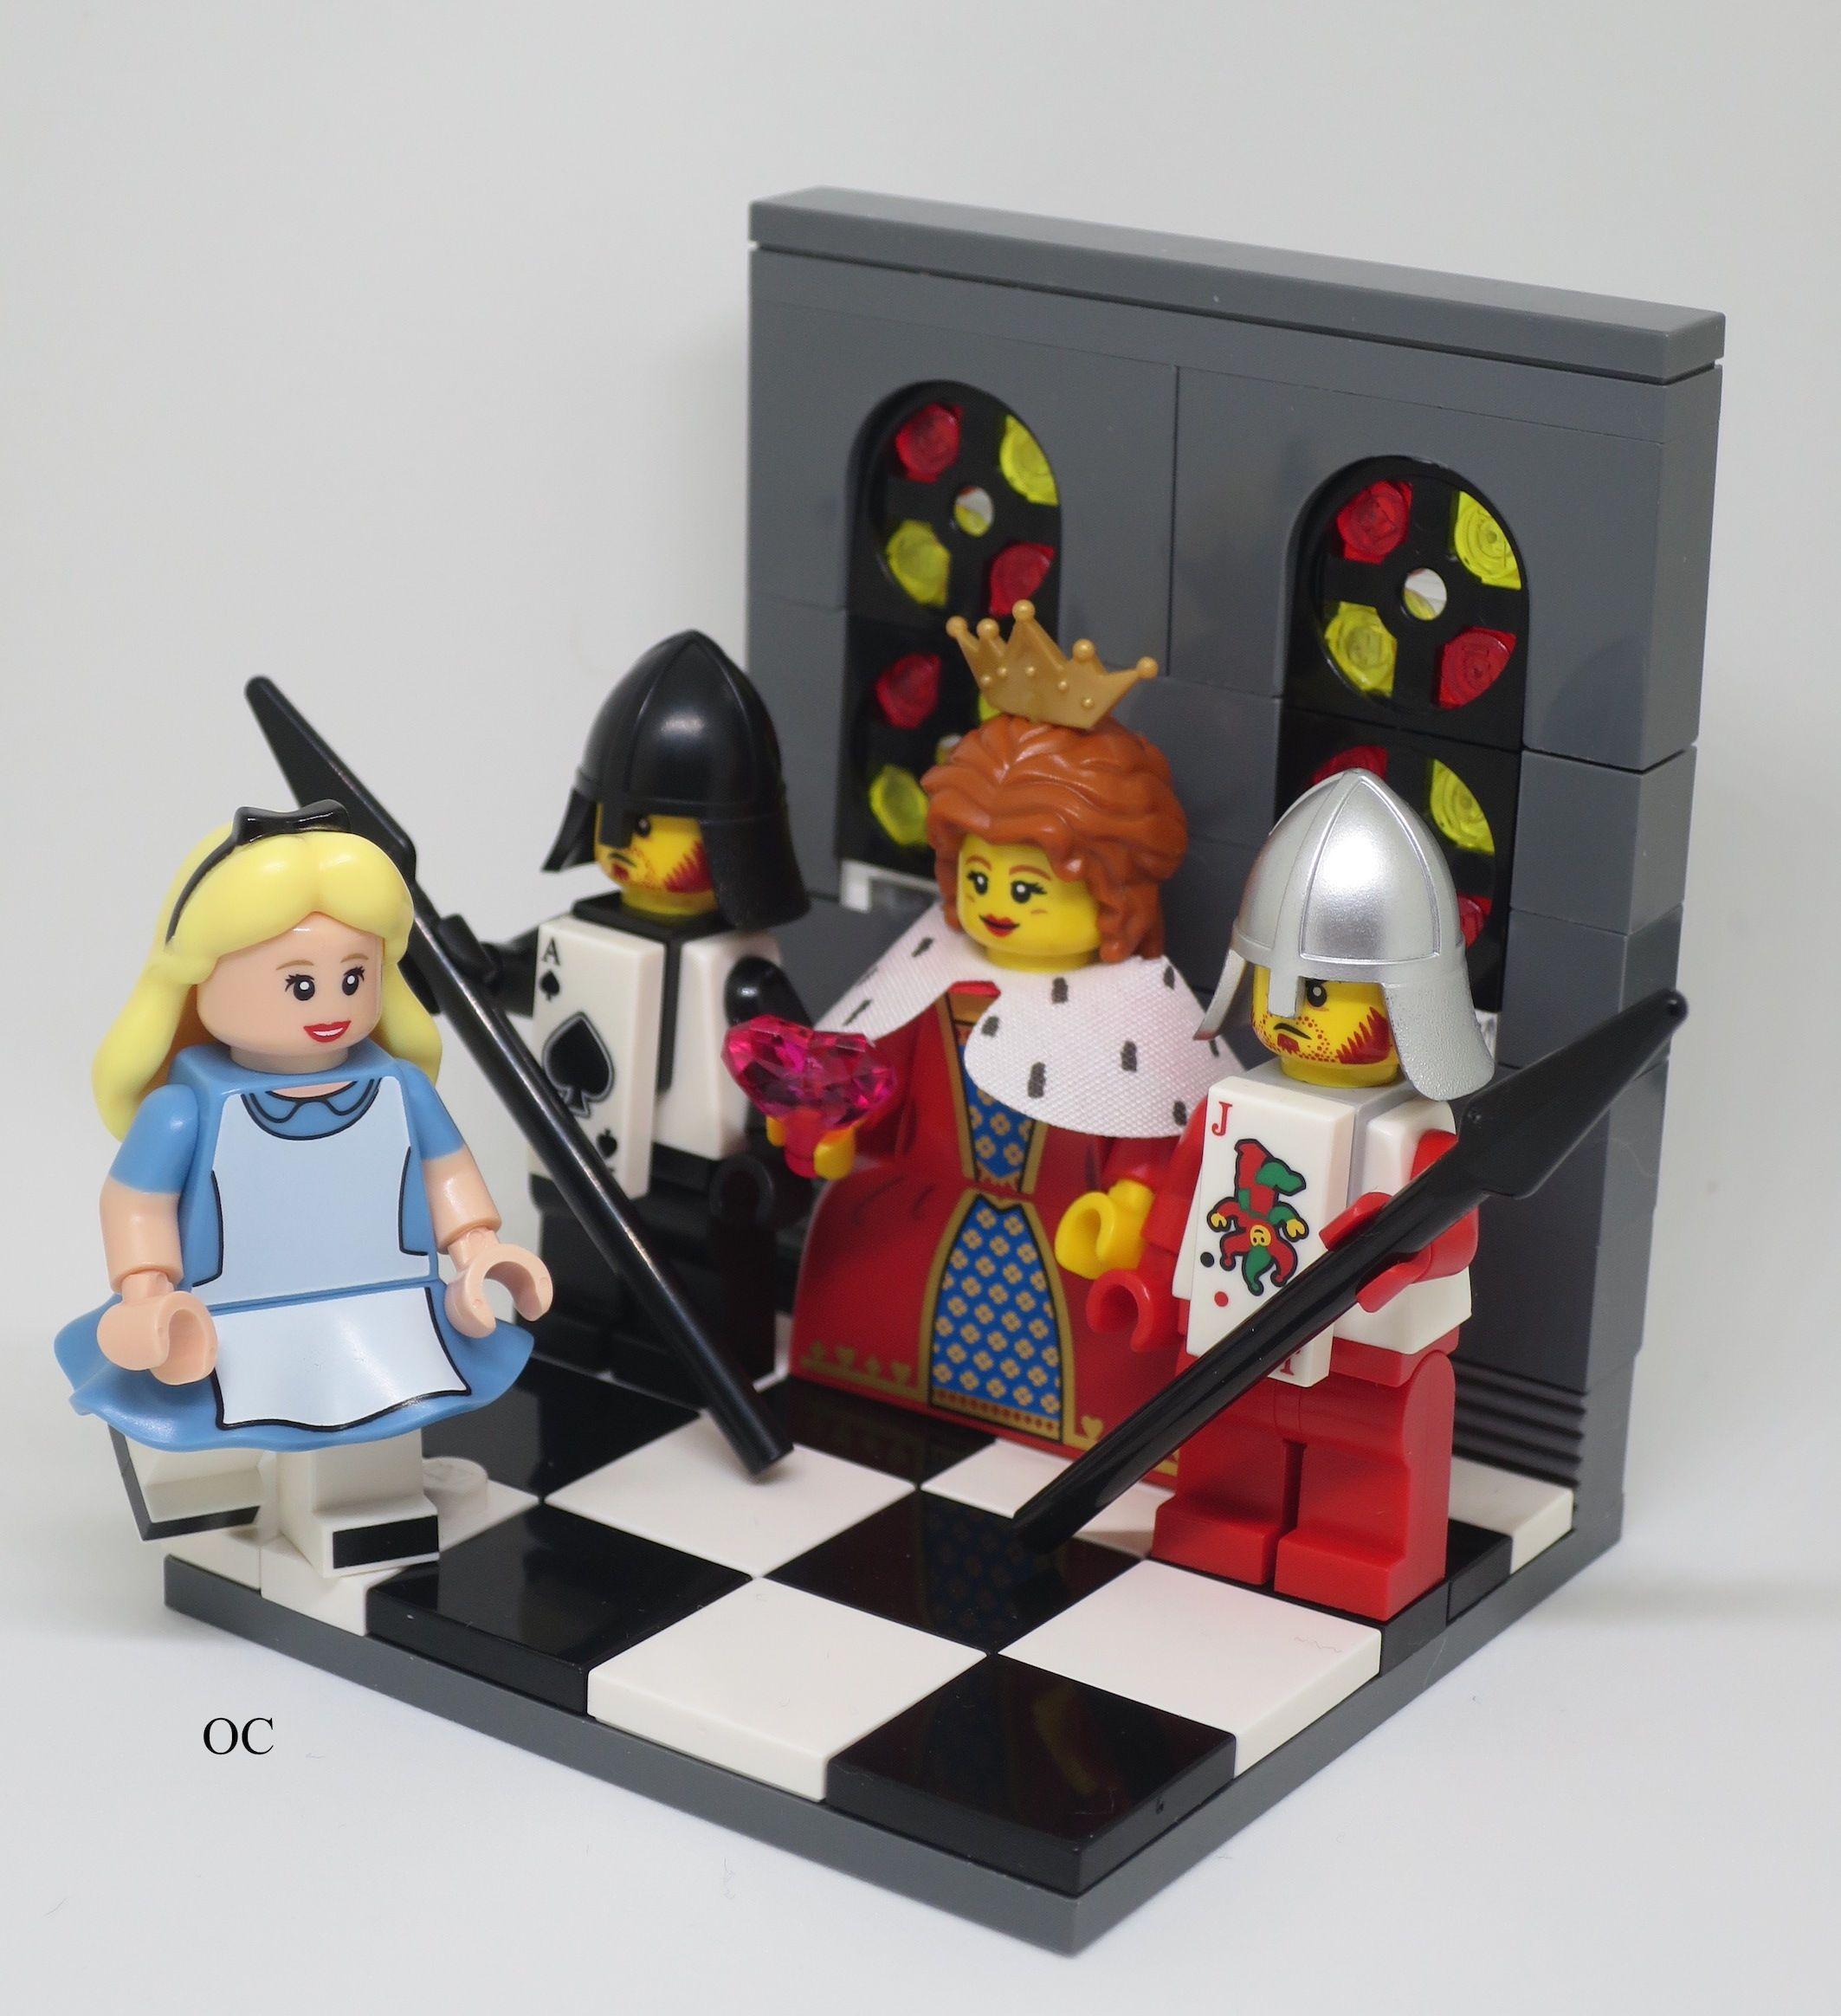 Lego Alice in Wonderland & Queen of Hearts Minifigures